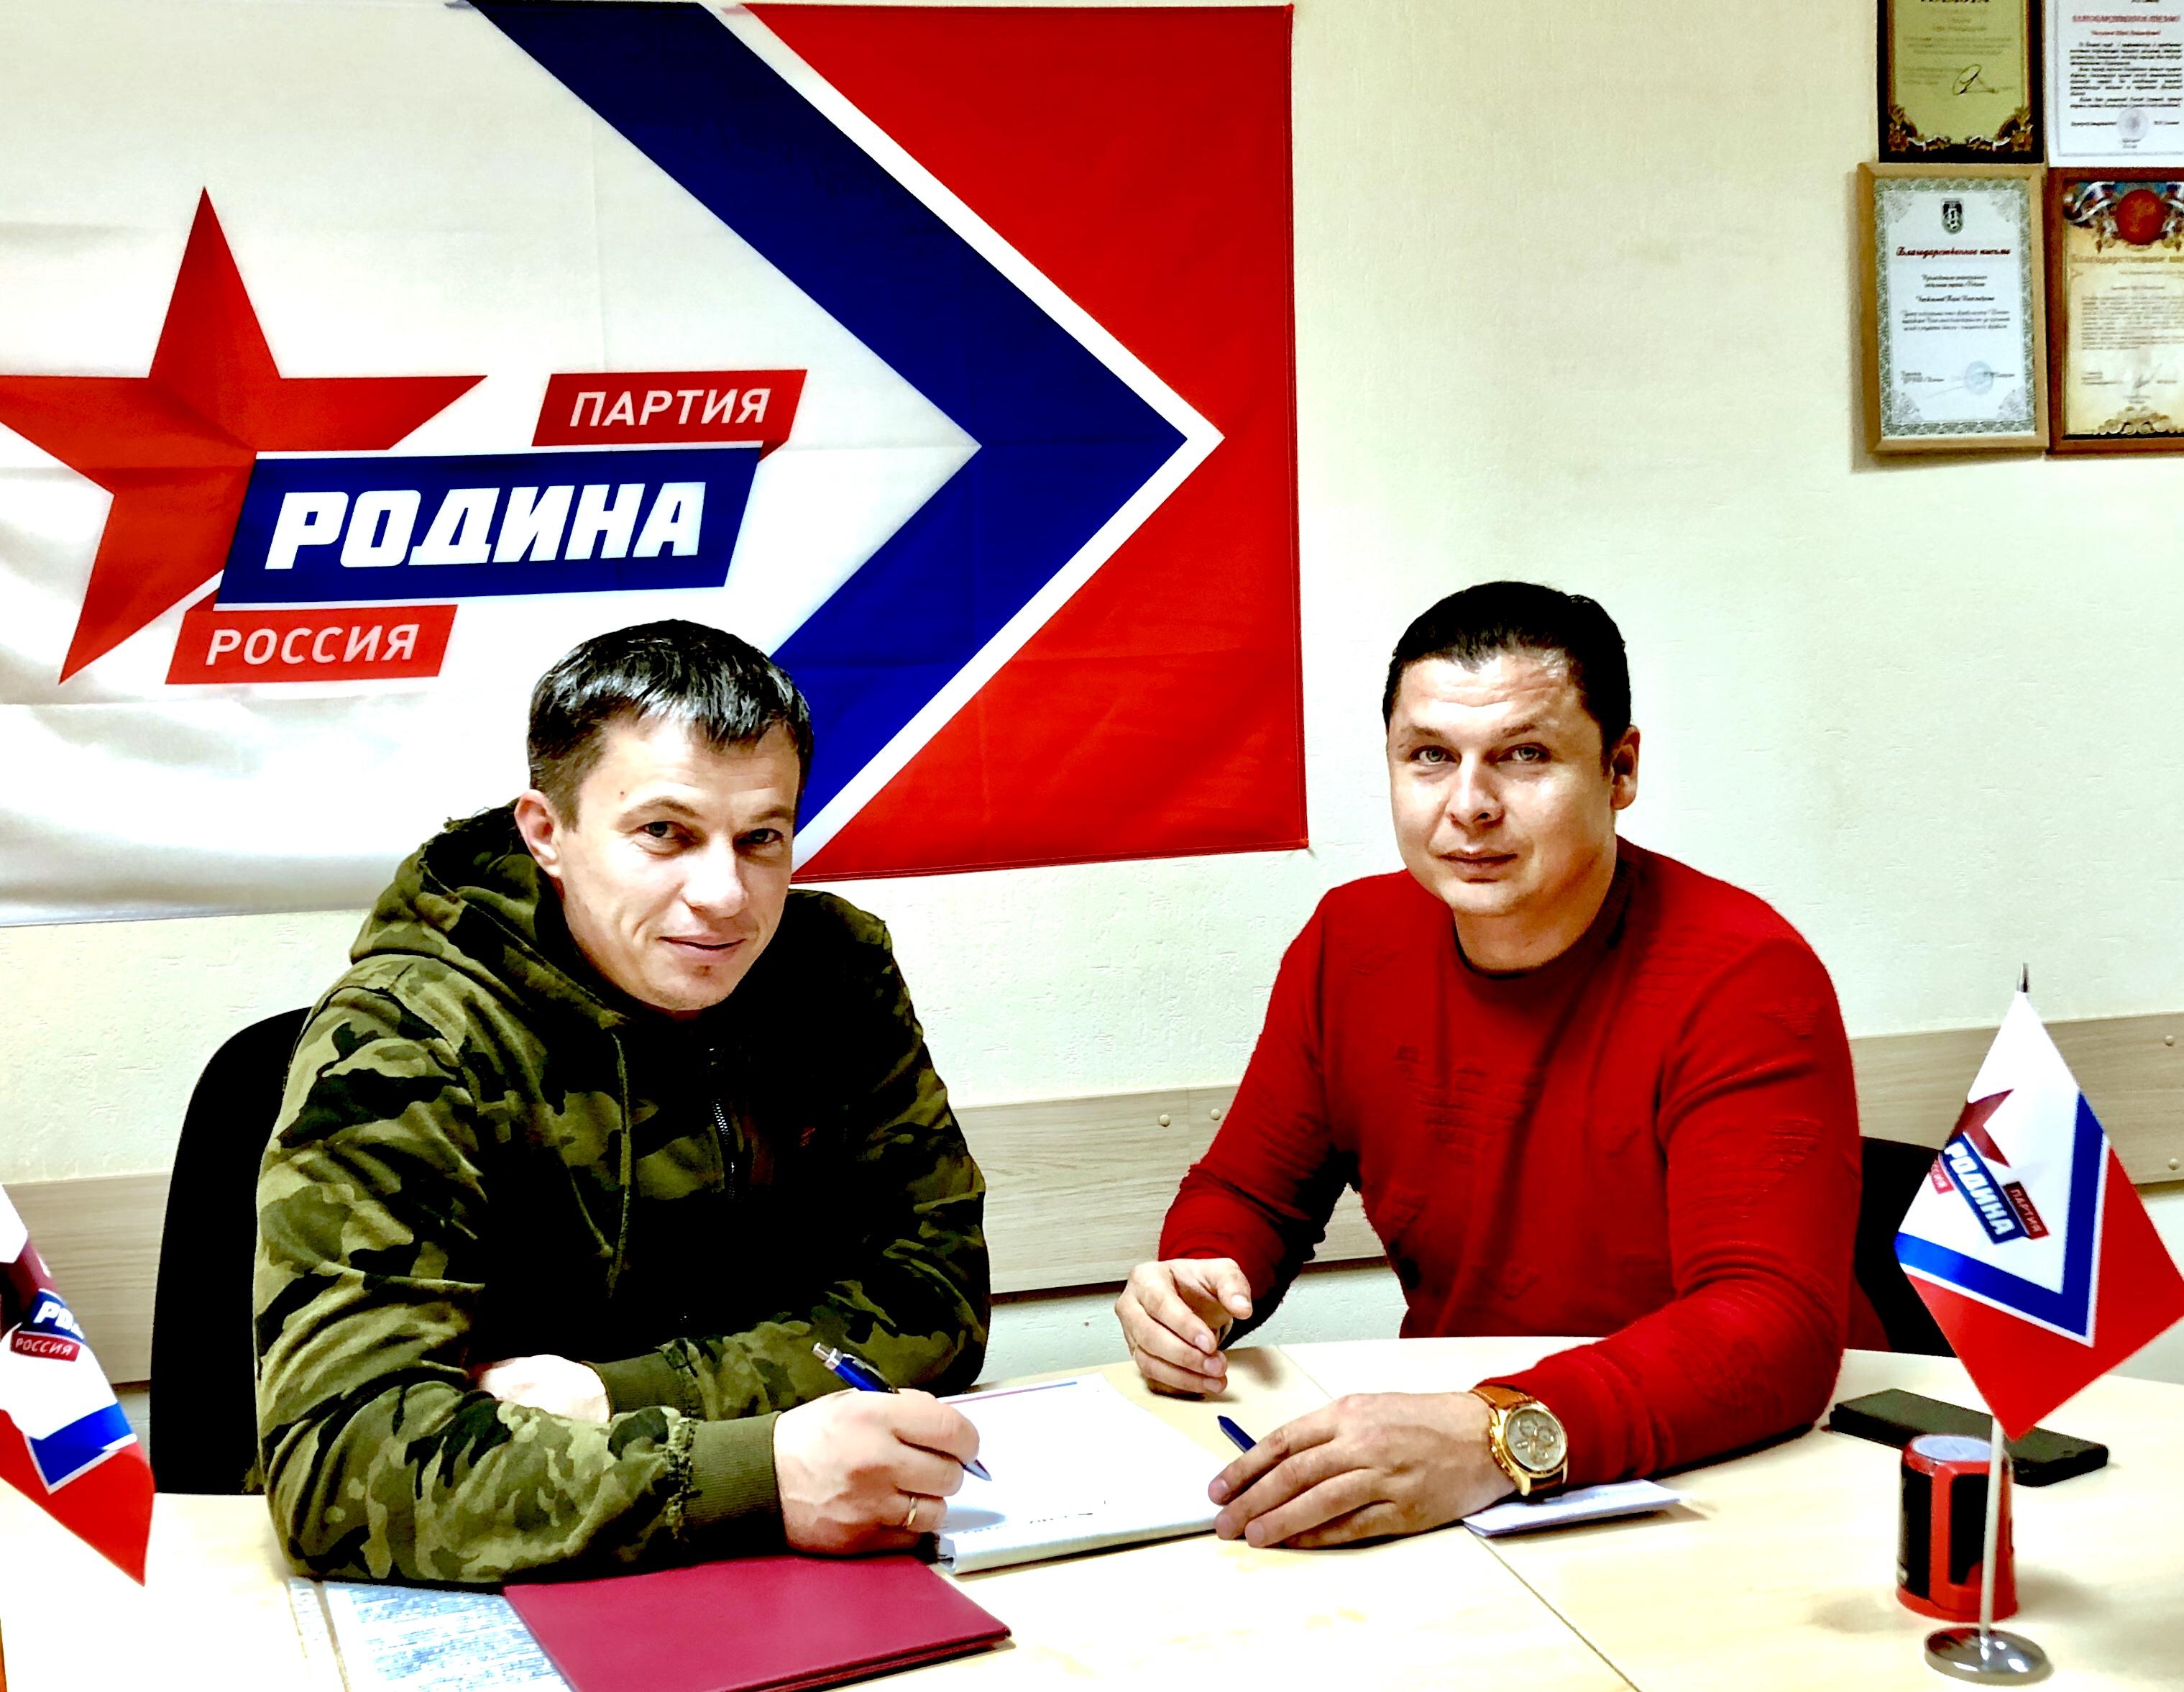 Федор Лугинин: «Родина» открыта для сотрудничества с Общероссийским народным фронтом